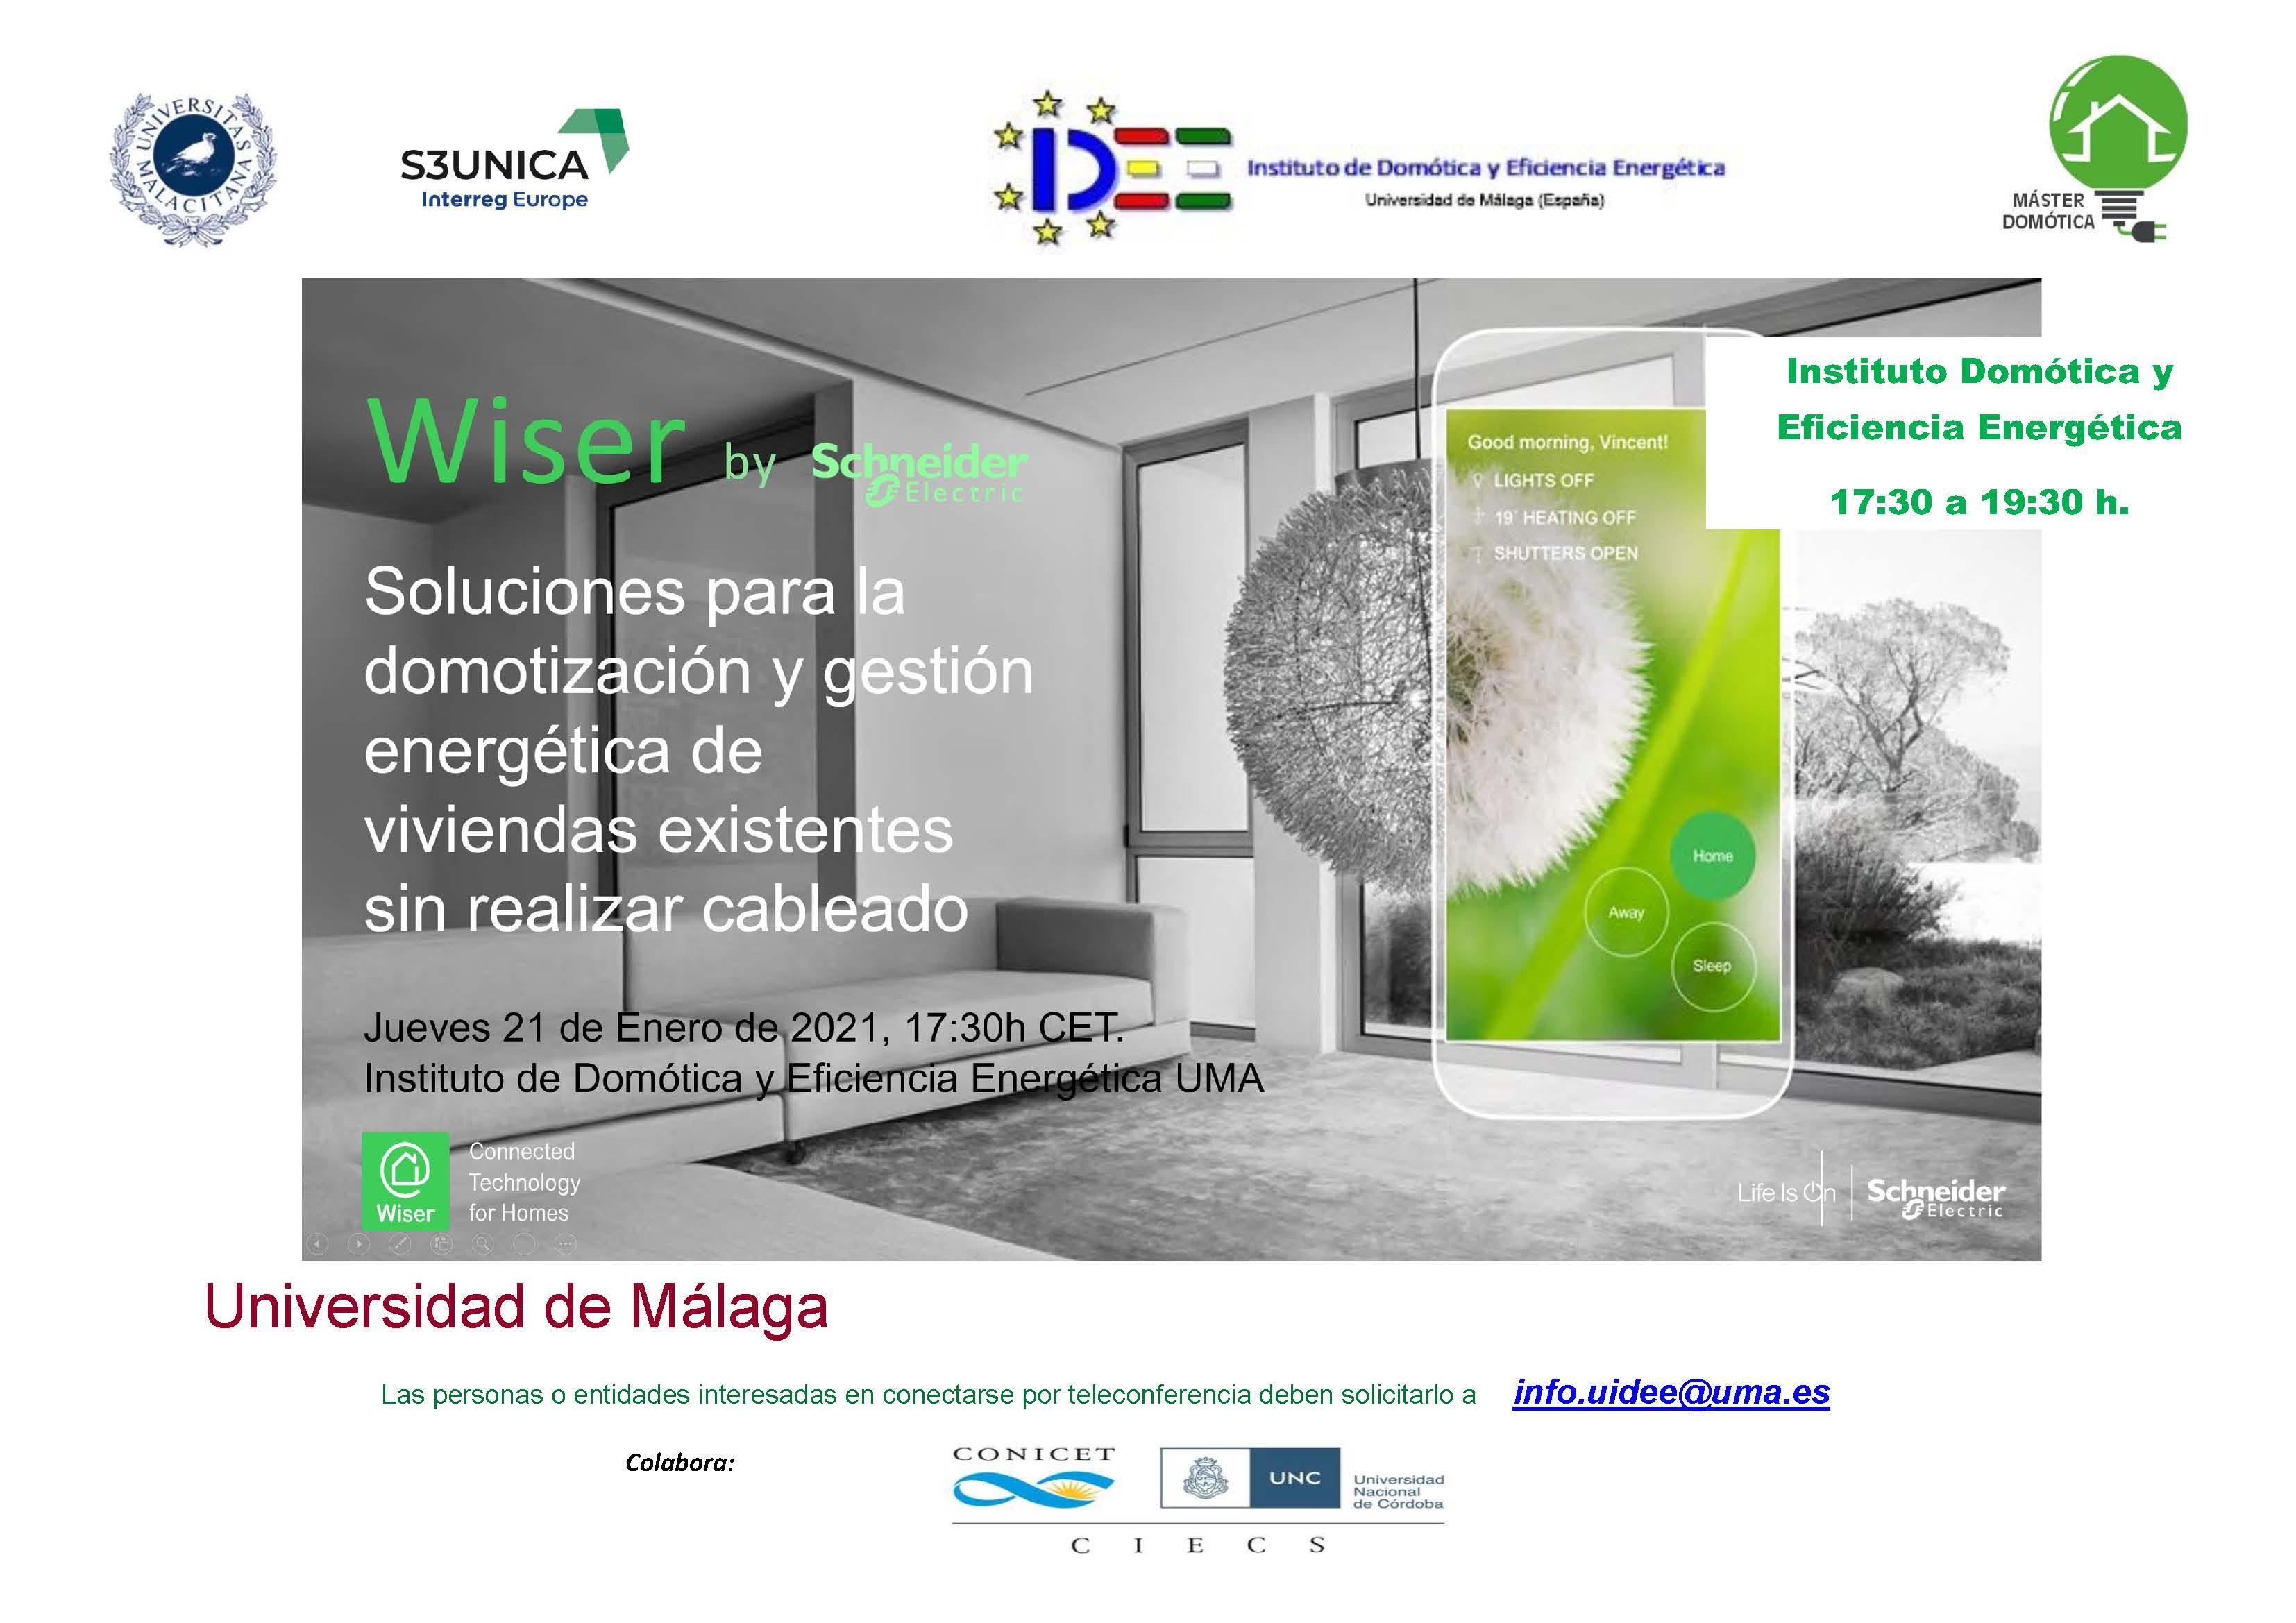 INVITACION UMA 21 ENERO 2021 Soluciones para la domotización y gestión de viviendas existentes Wyser Europa.jpg